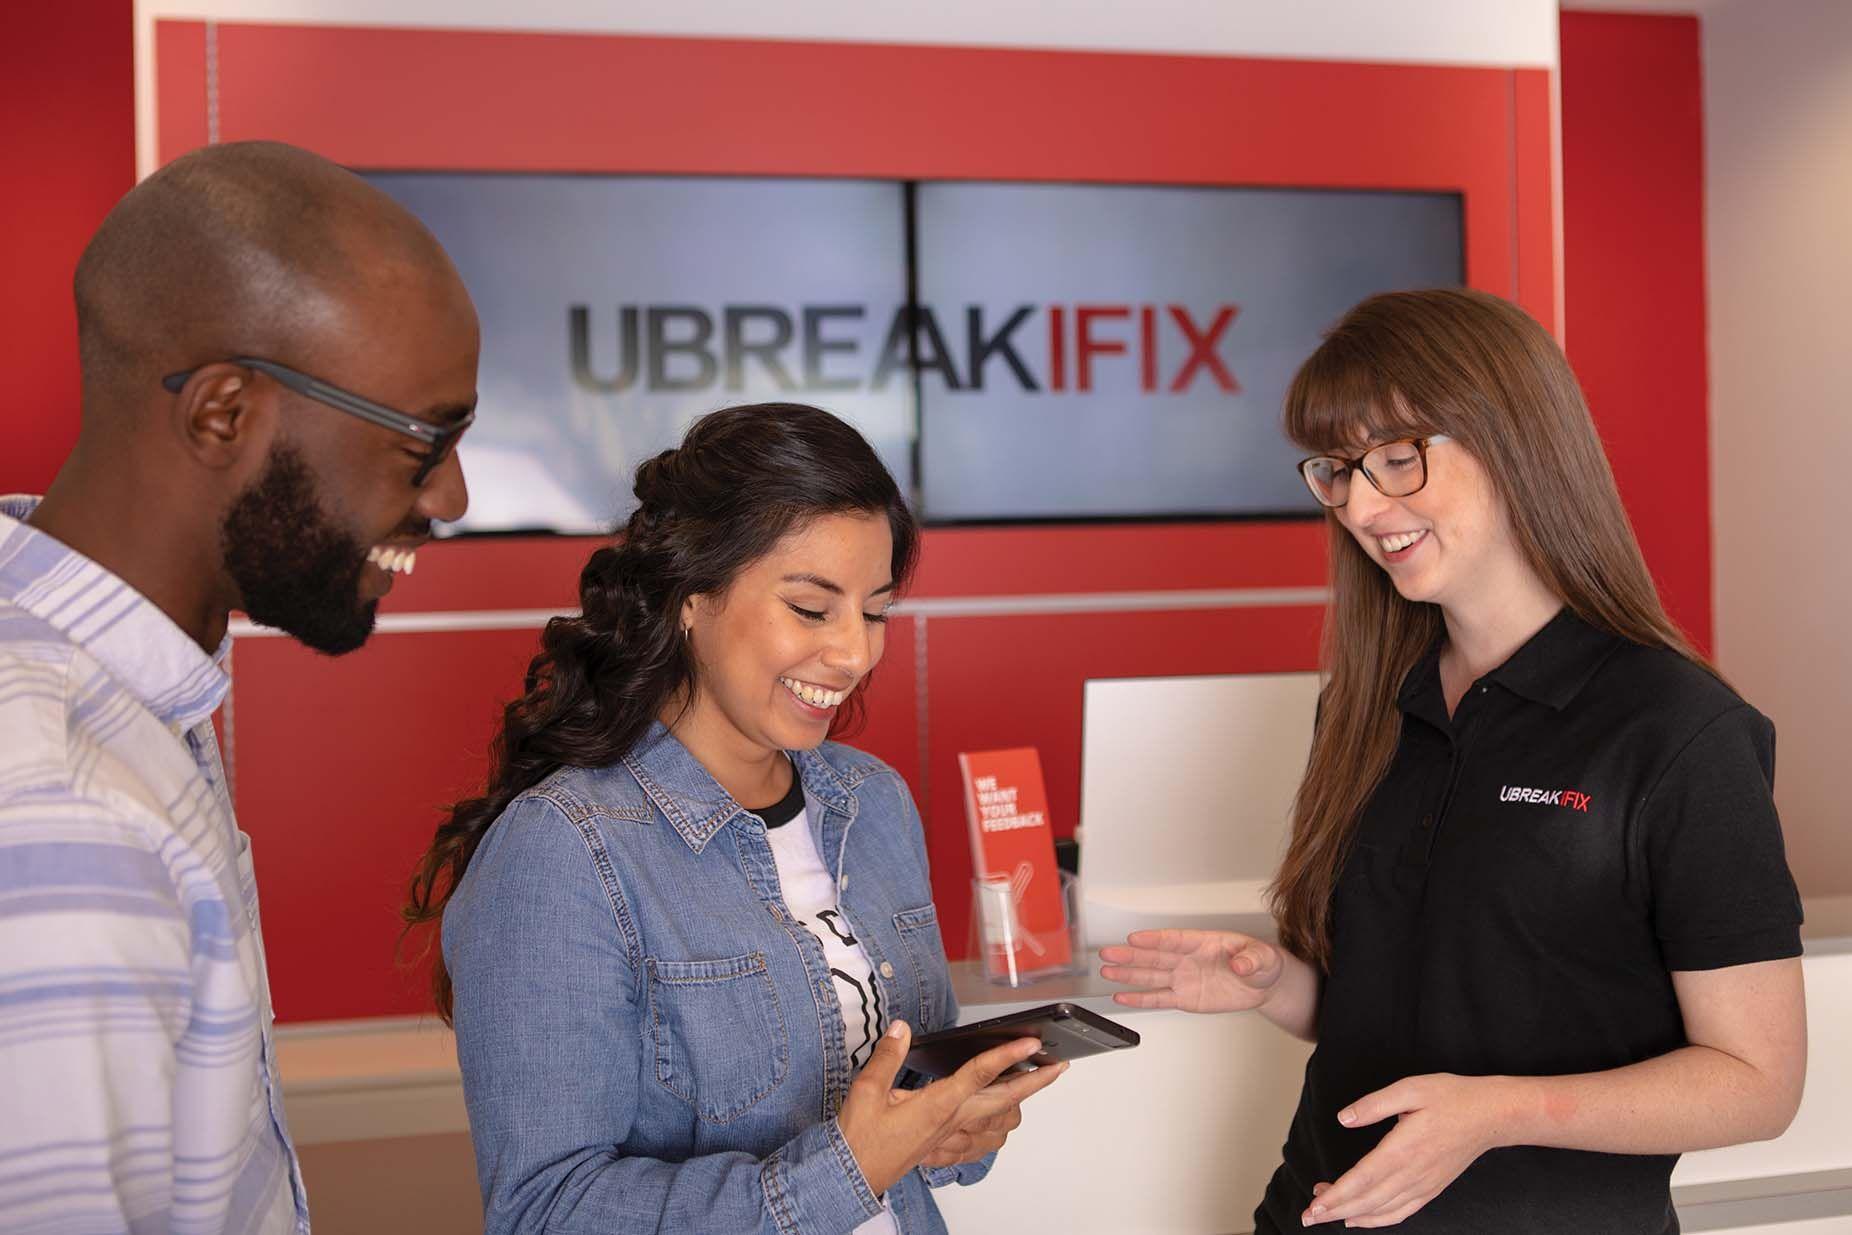 UBIF employee helping customers